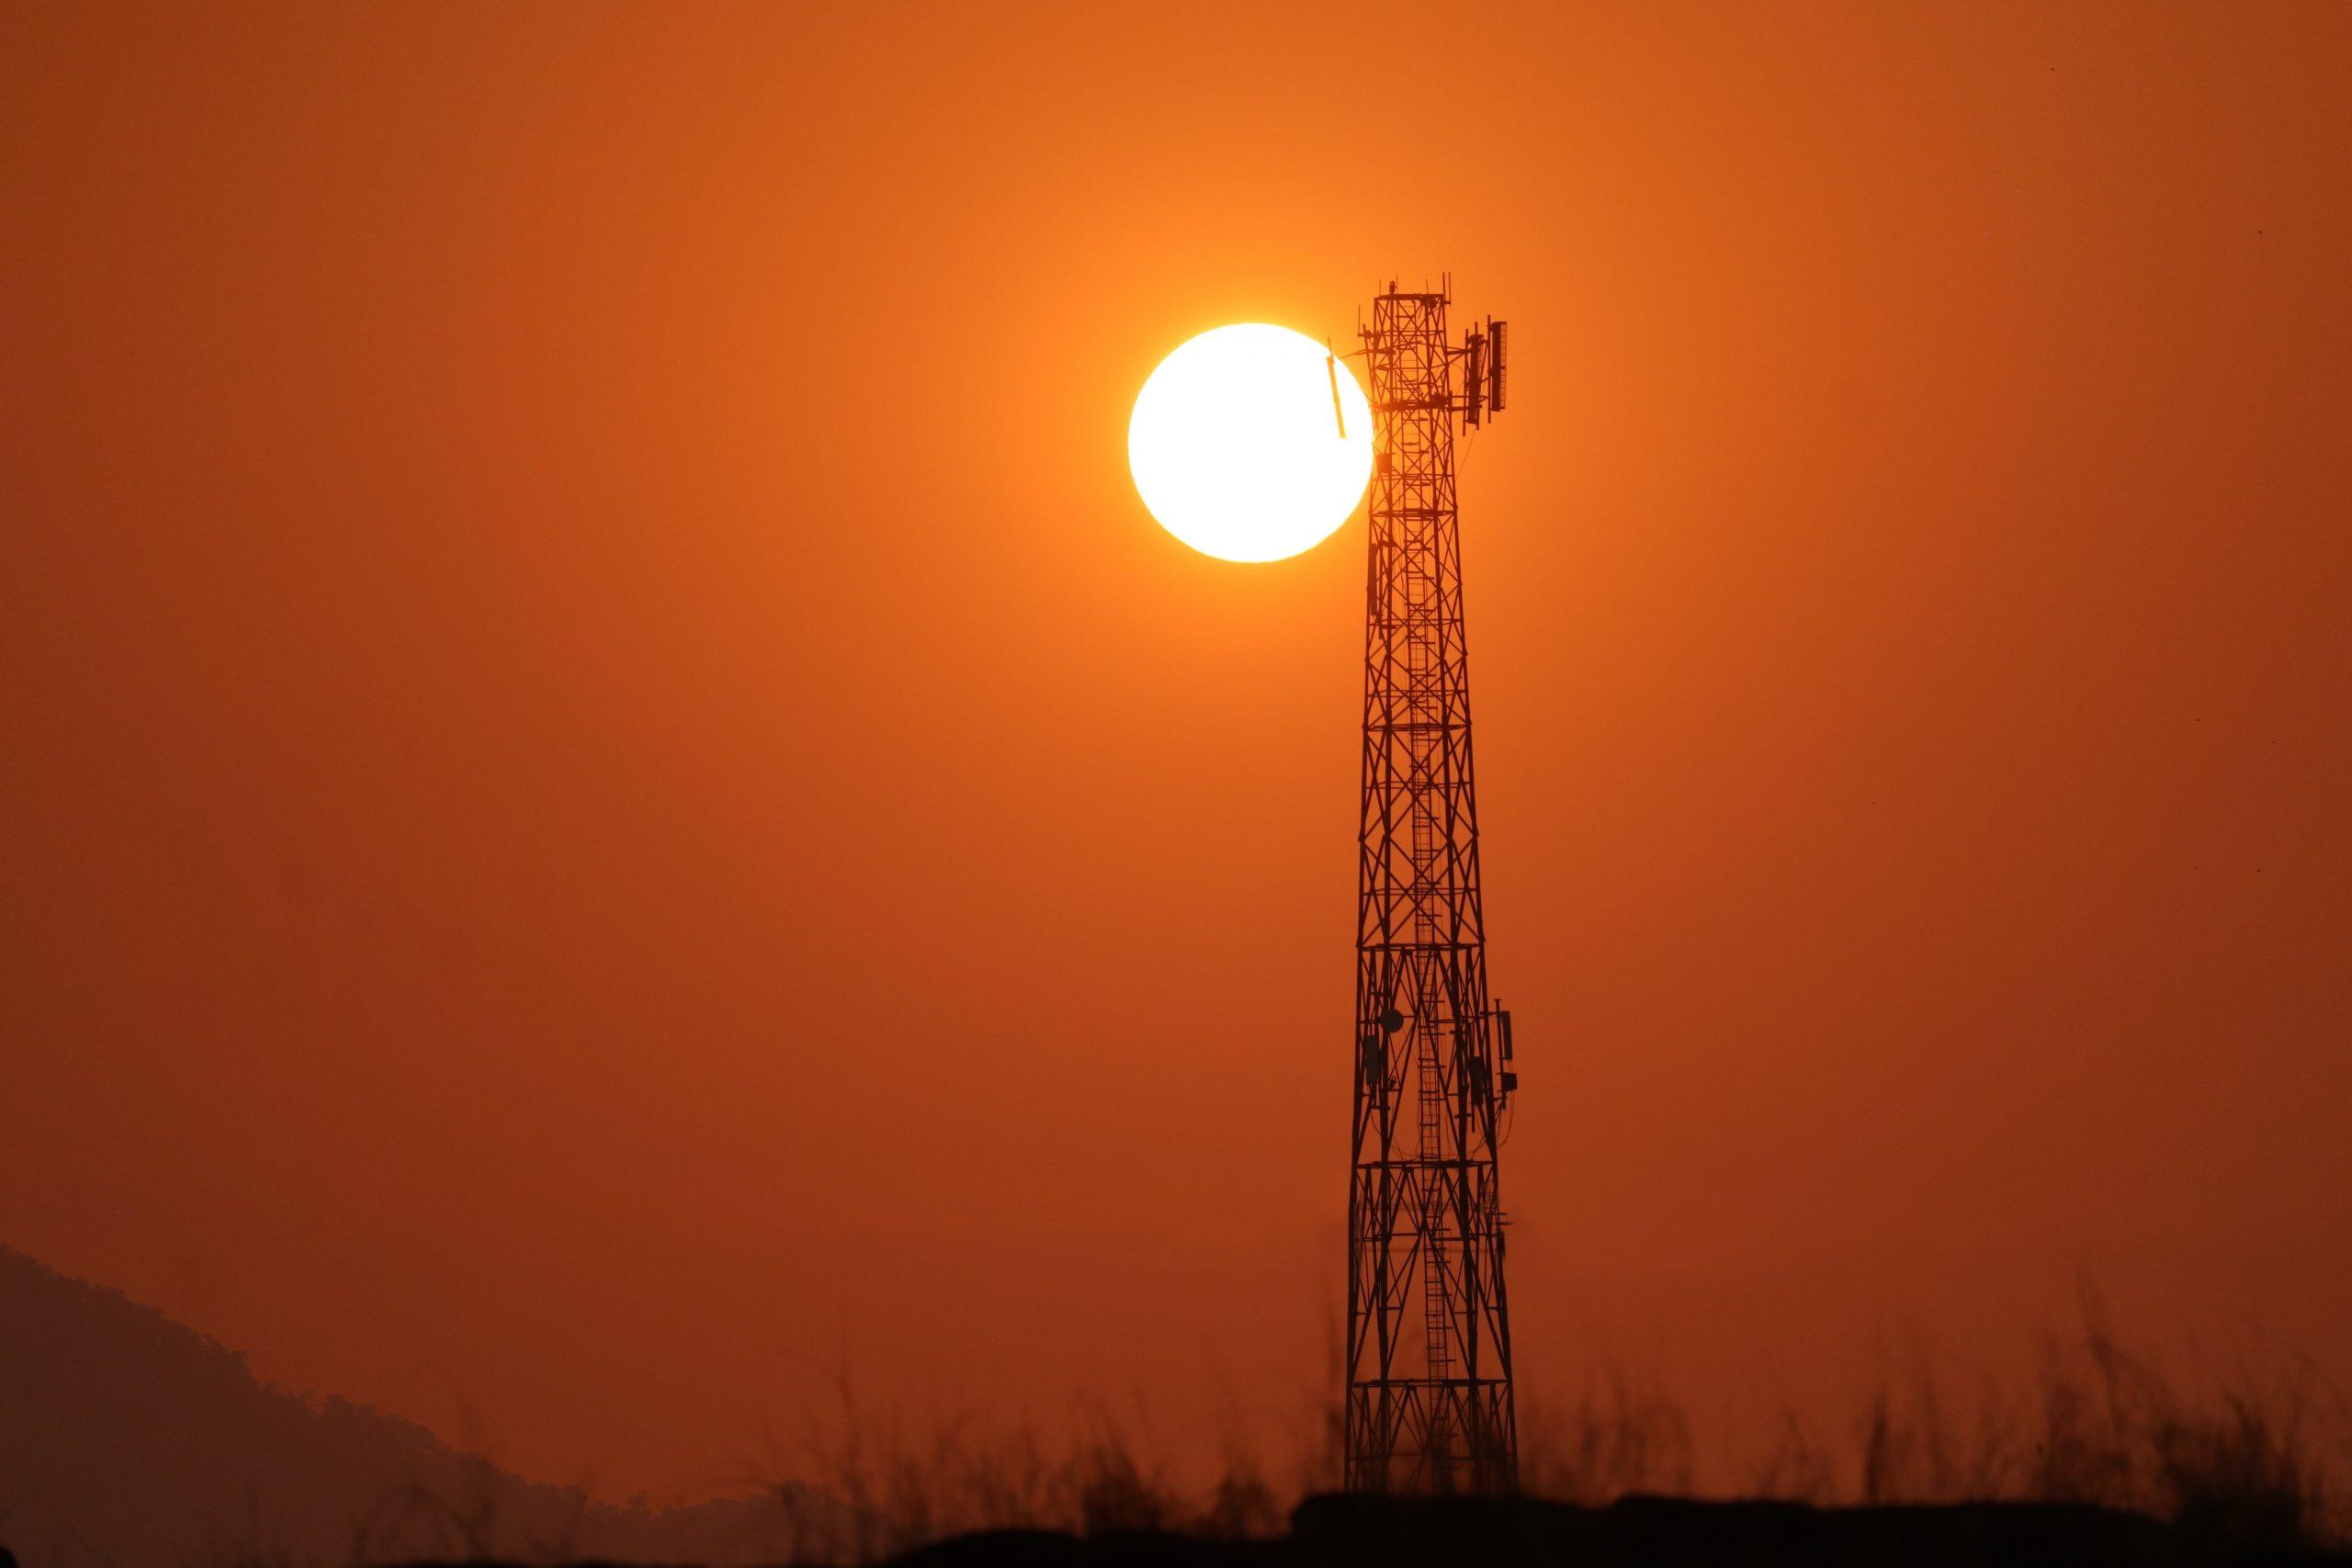 Sunset through a tower